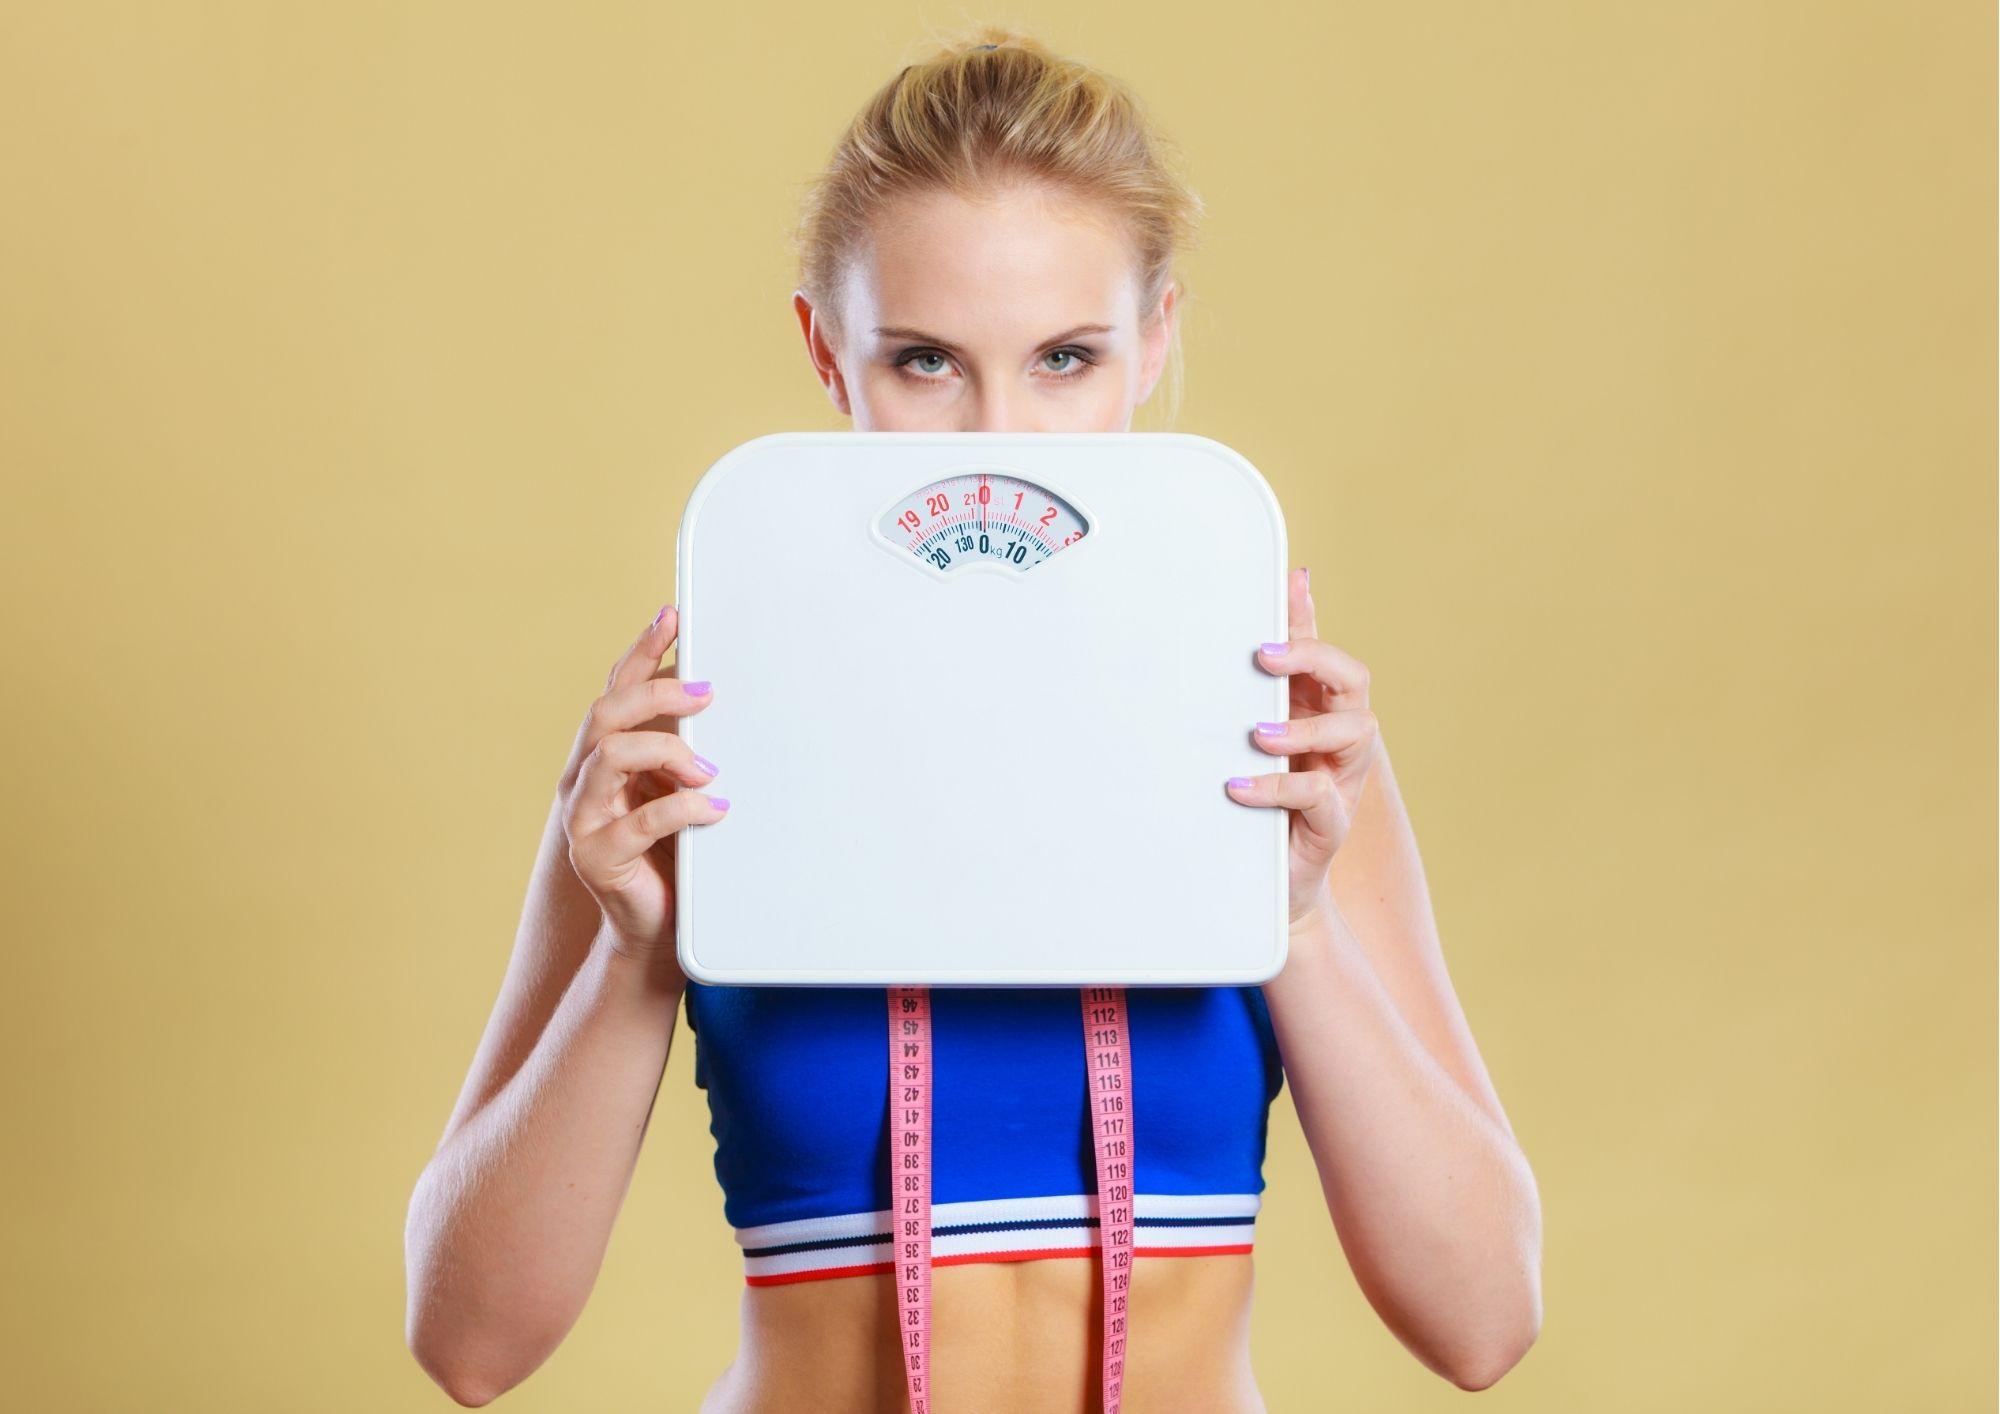 Perda de peso ou composição corporal?